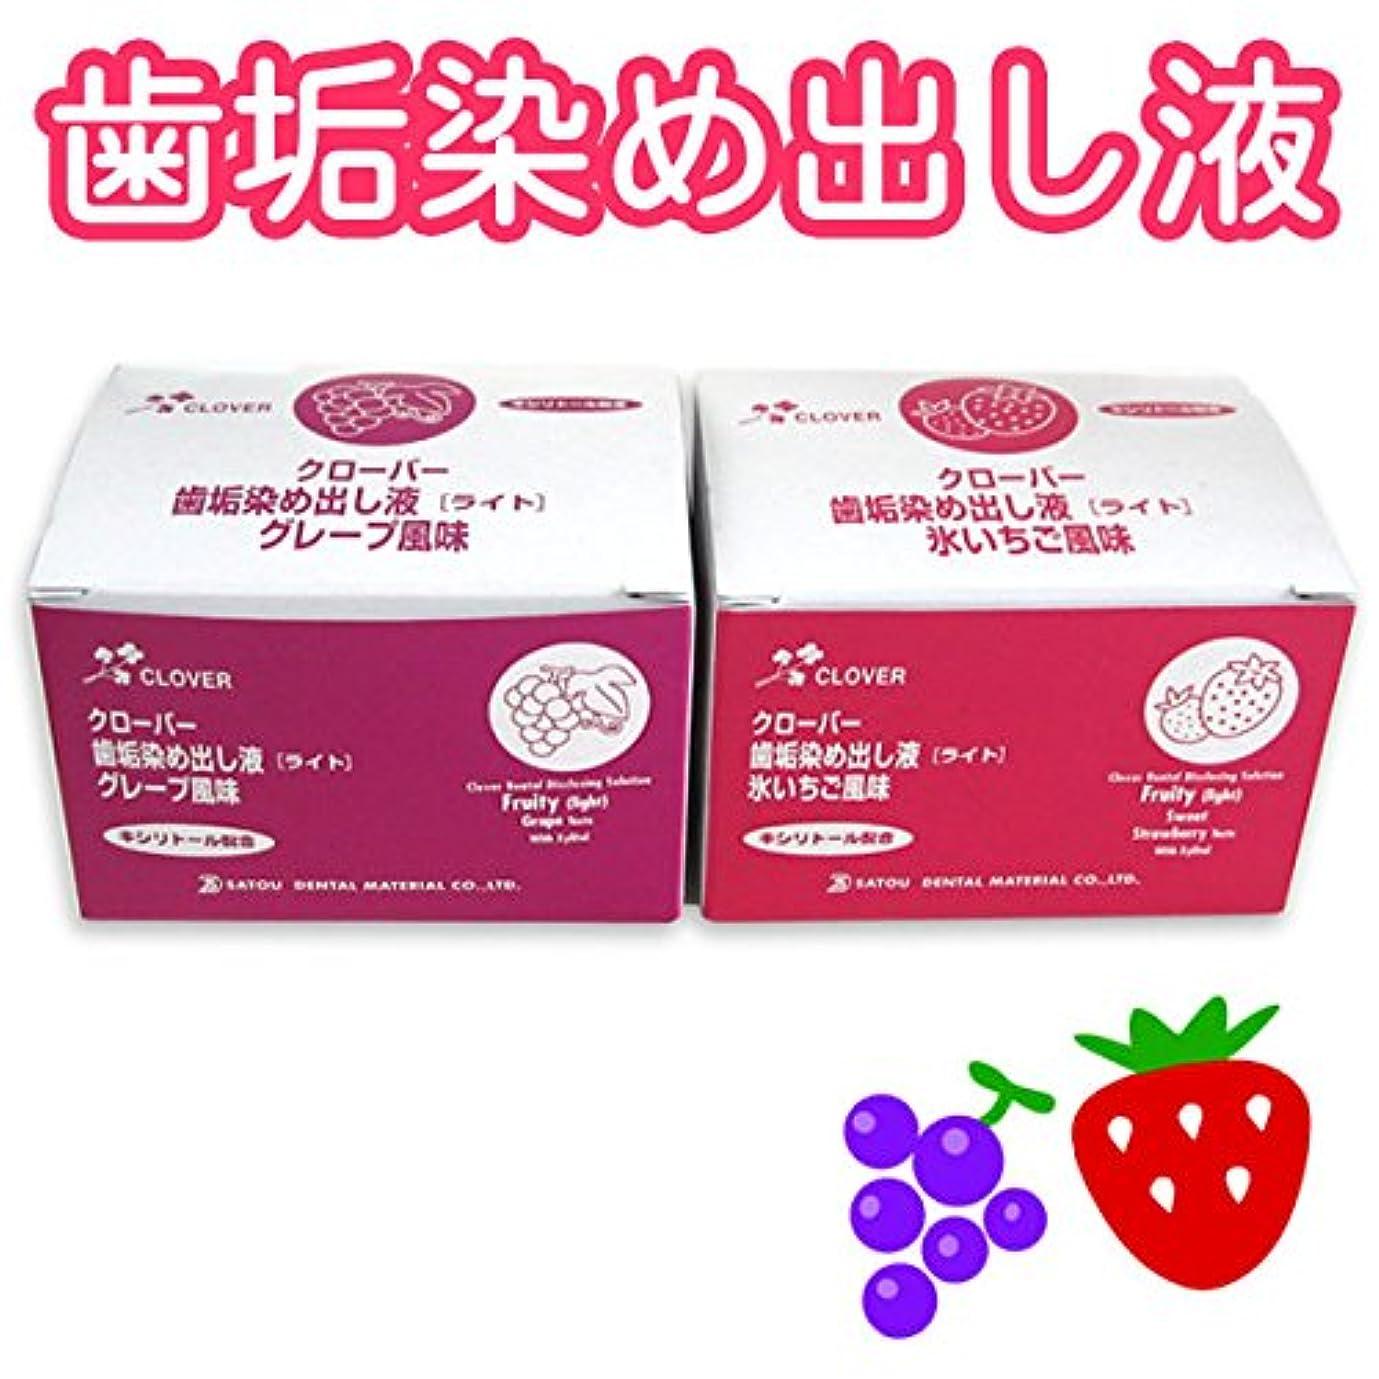 装備する進化するマチュピチュ12個入 クローバー 歯垢染め出し液ライト フルーツの香り 5ml (氷いちご)